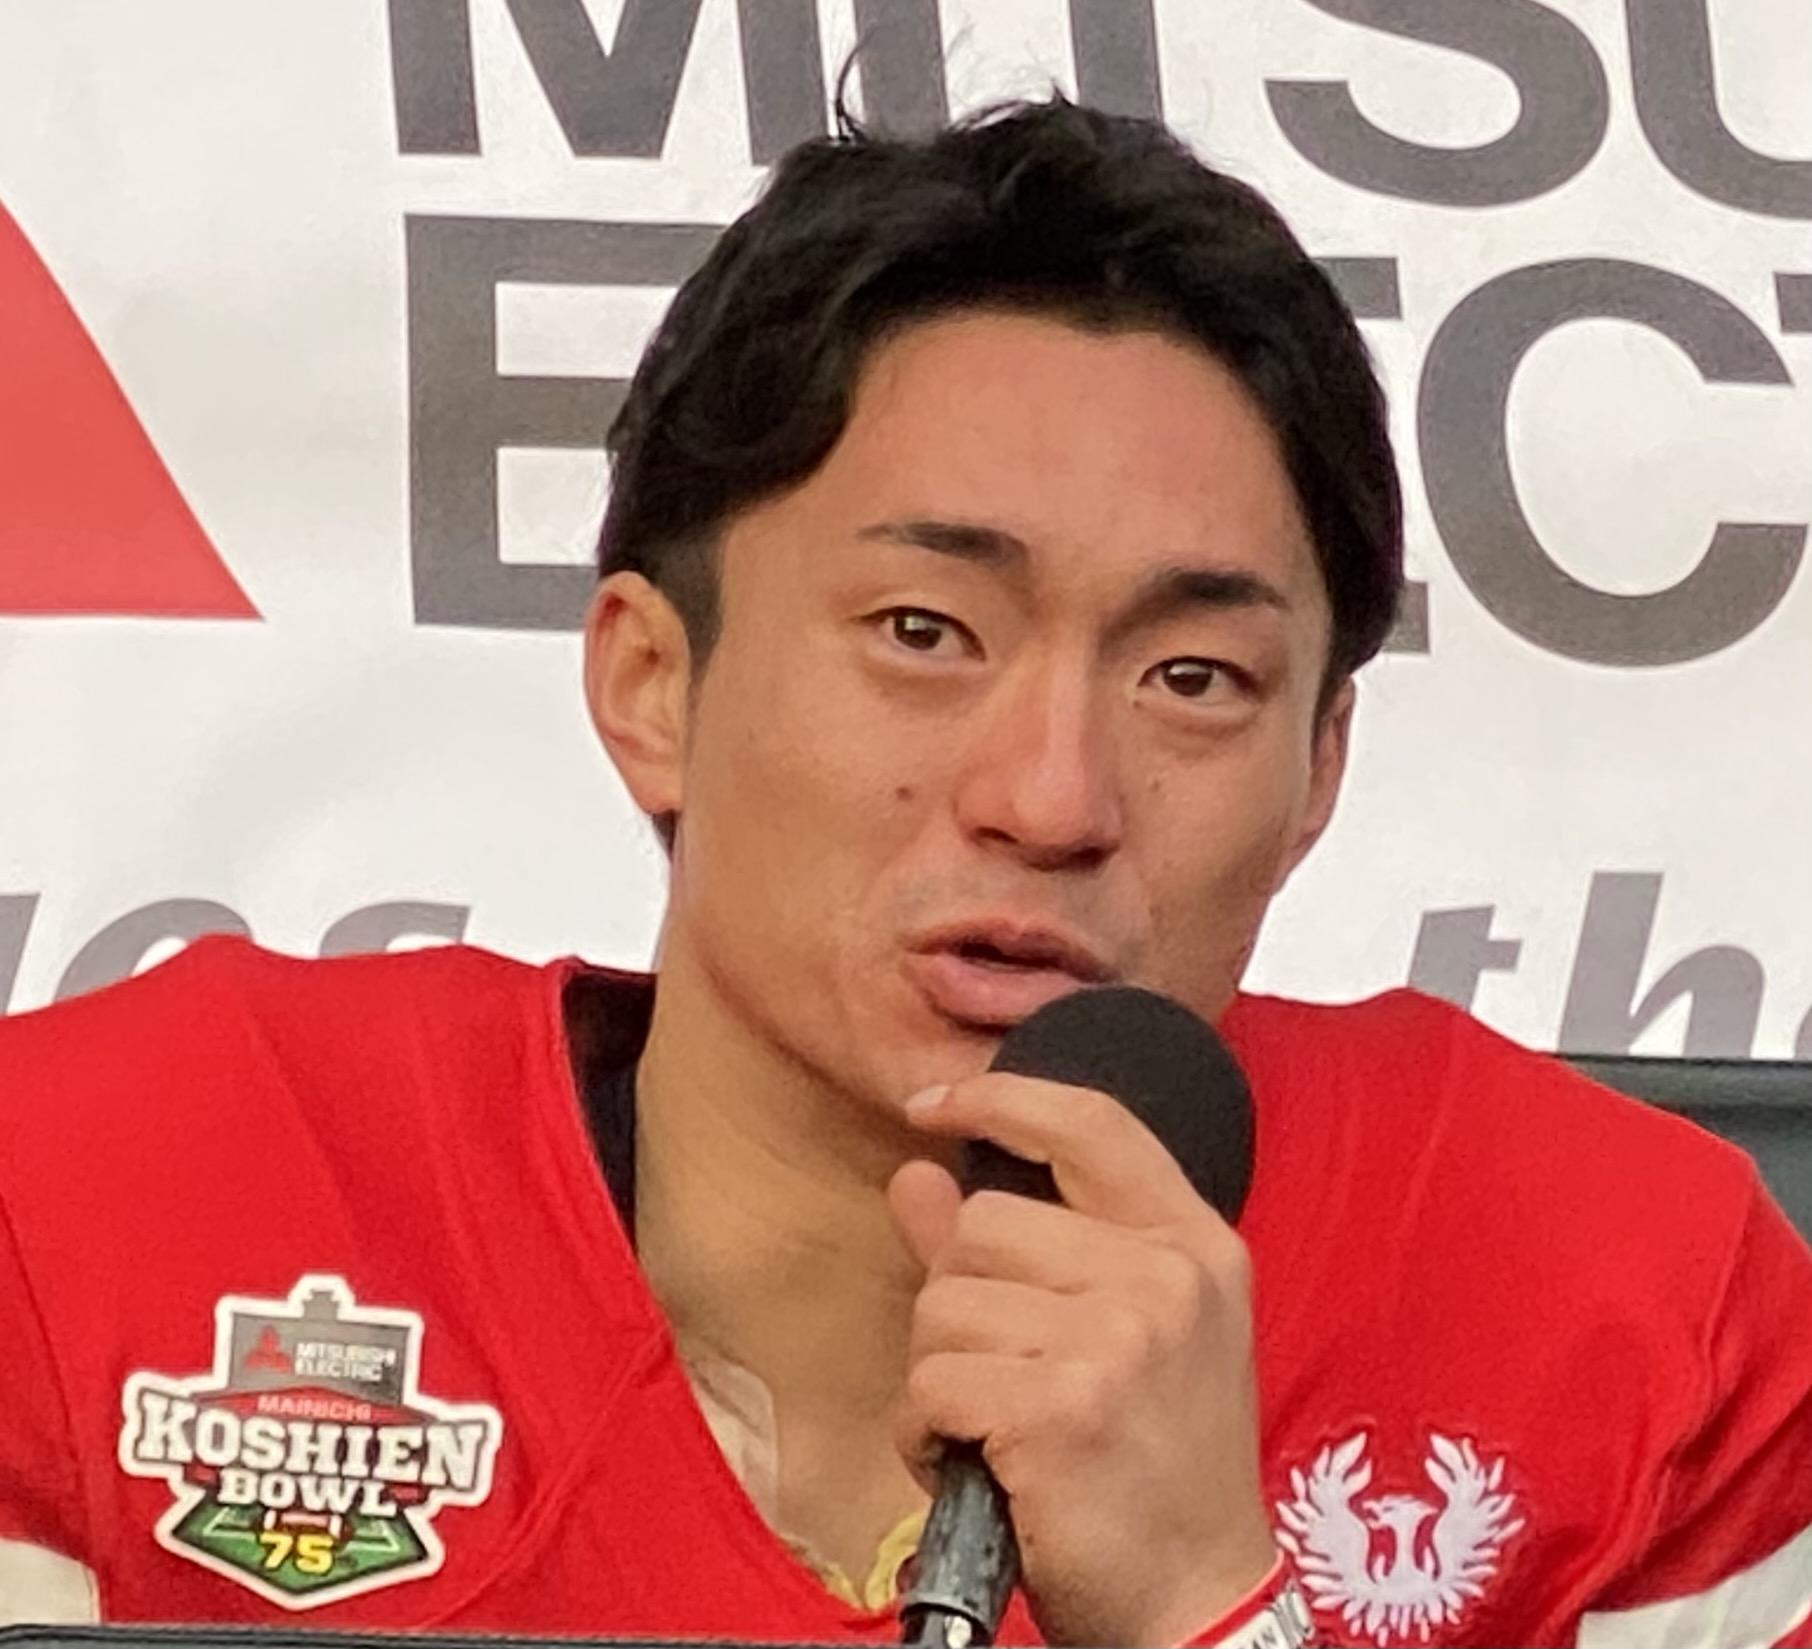 甲子園ボウルでは、出場チームのユニホームに特別協賛社のロゴが付けられている